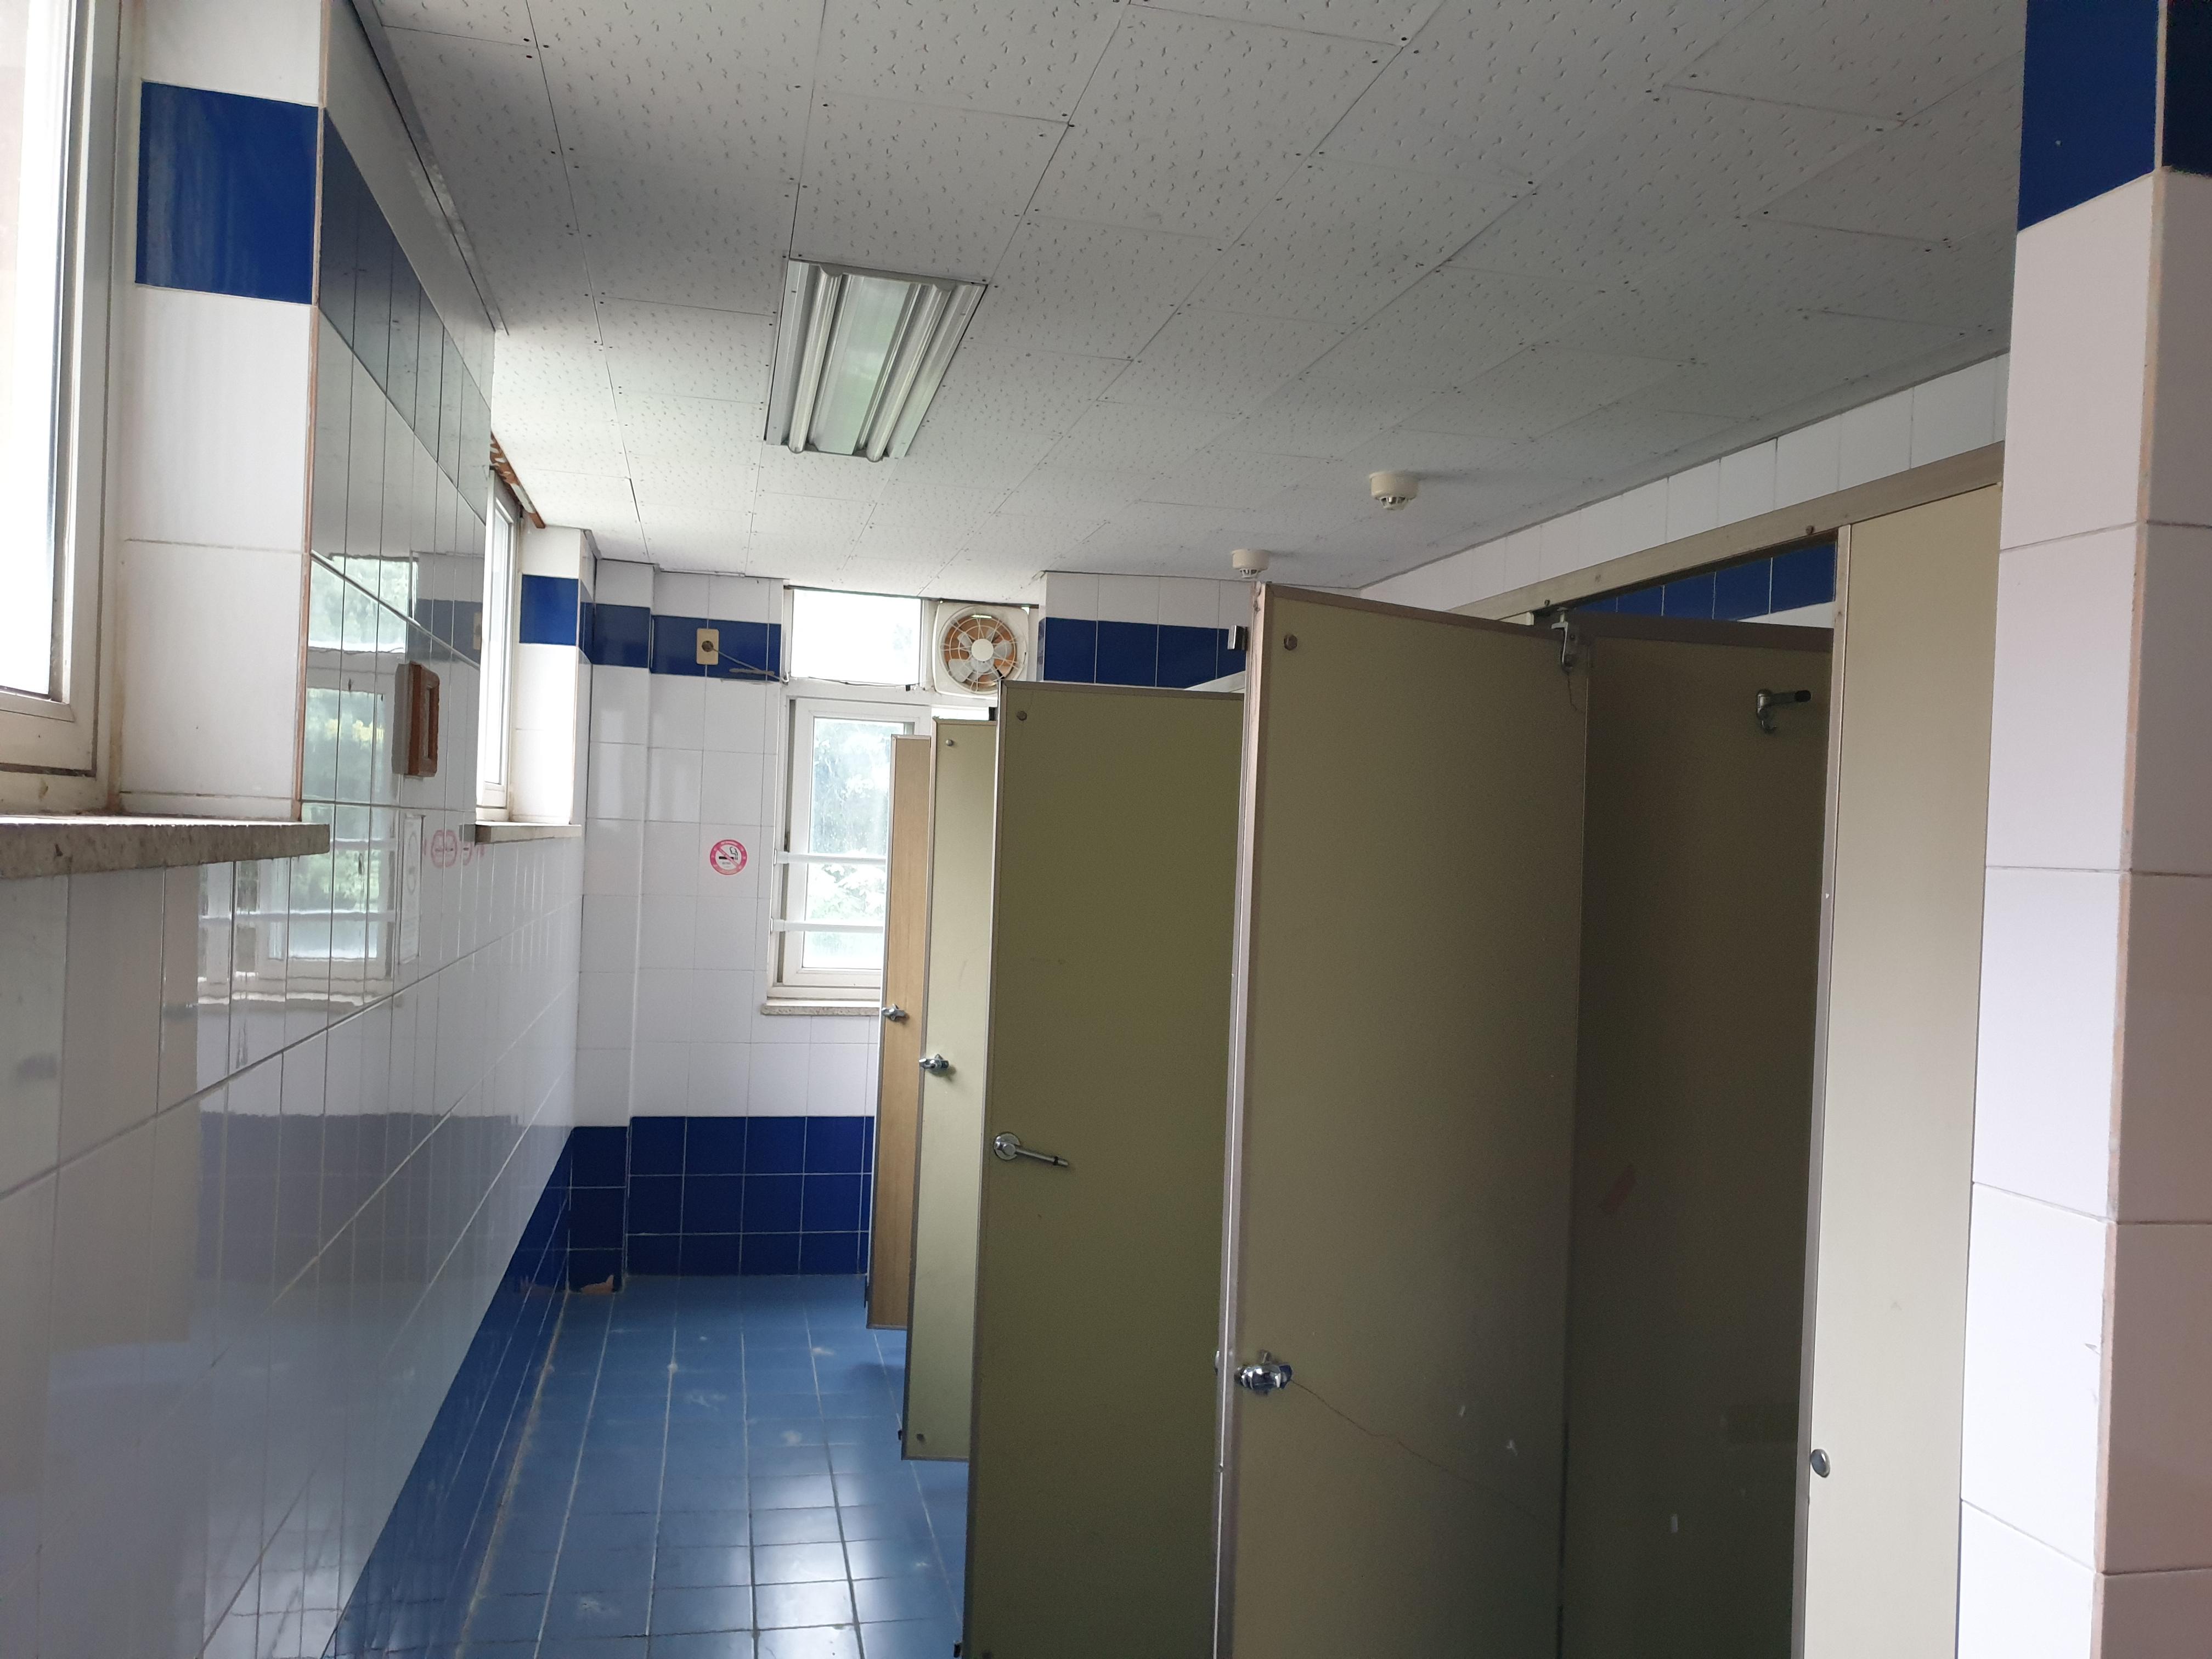 3 번째 사진  에  연면적264.94 ㎡ 브니엘예술고등학교 화장실 밤라이트, 석면텍스 해체 작업